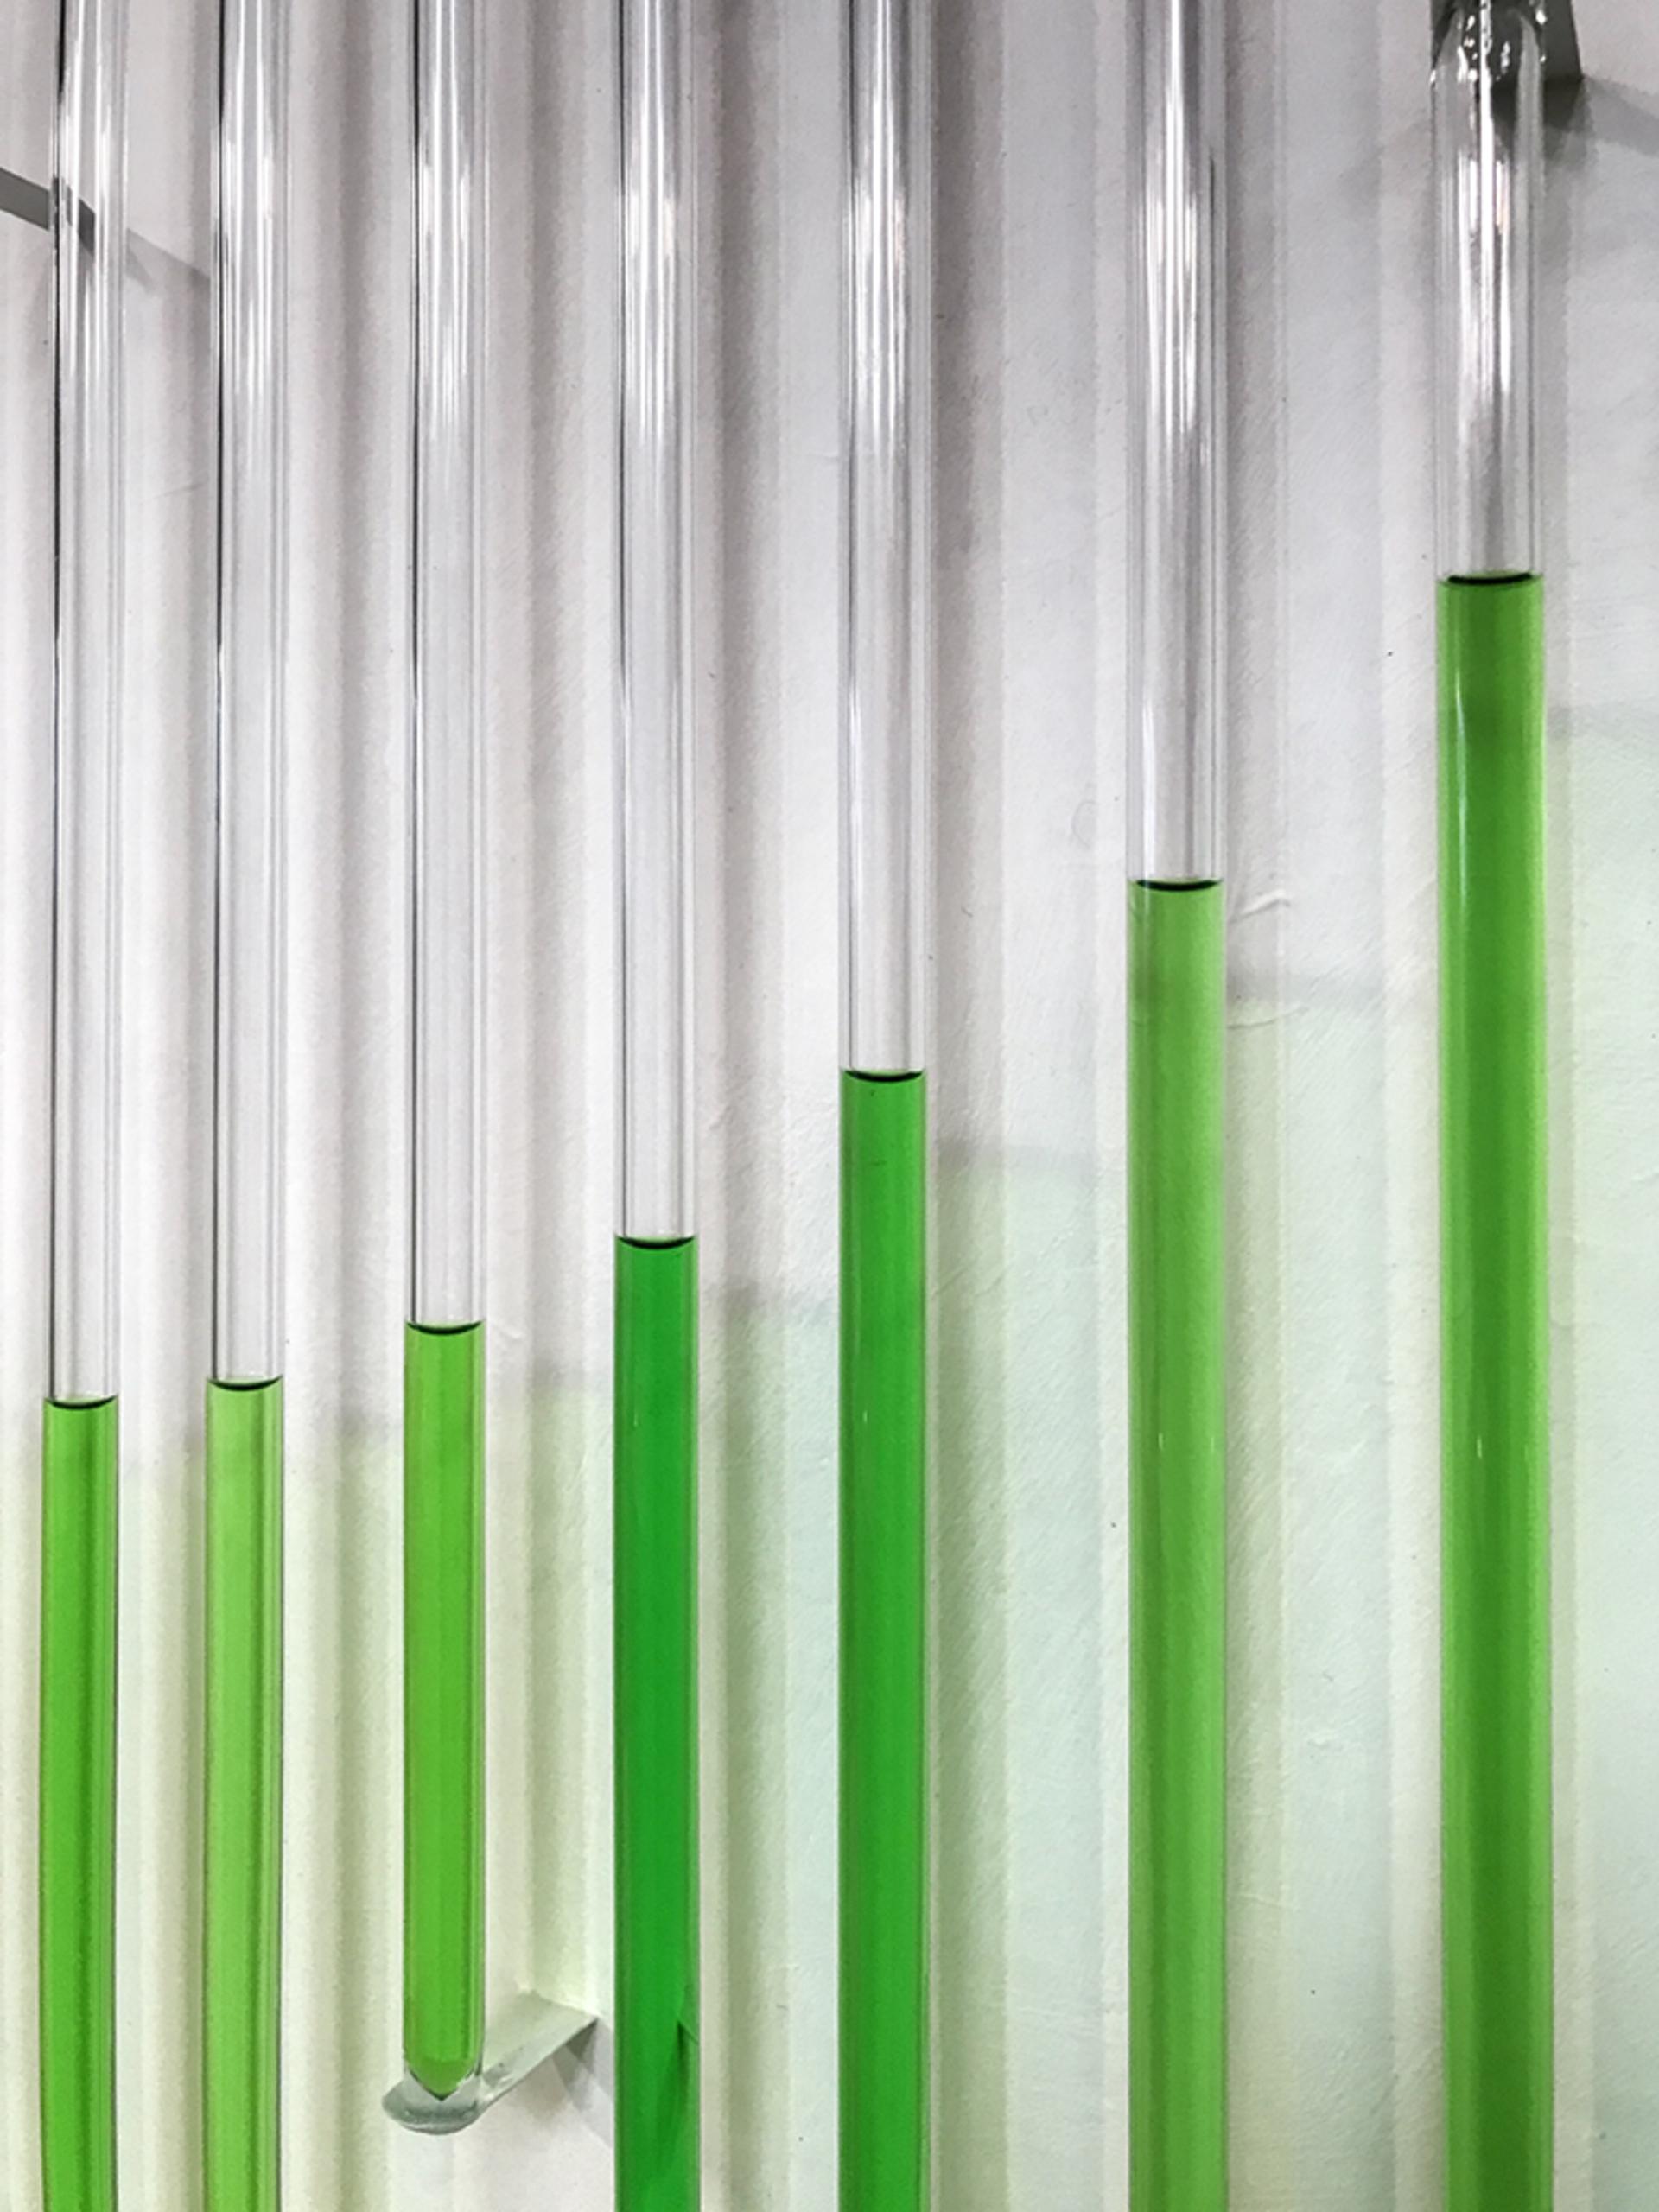 Level Arch by Douglas Scholes